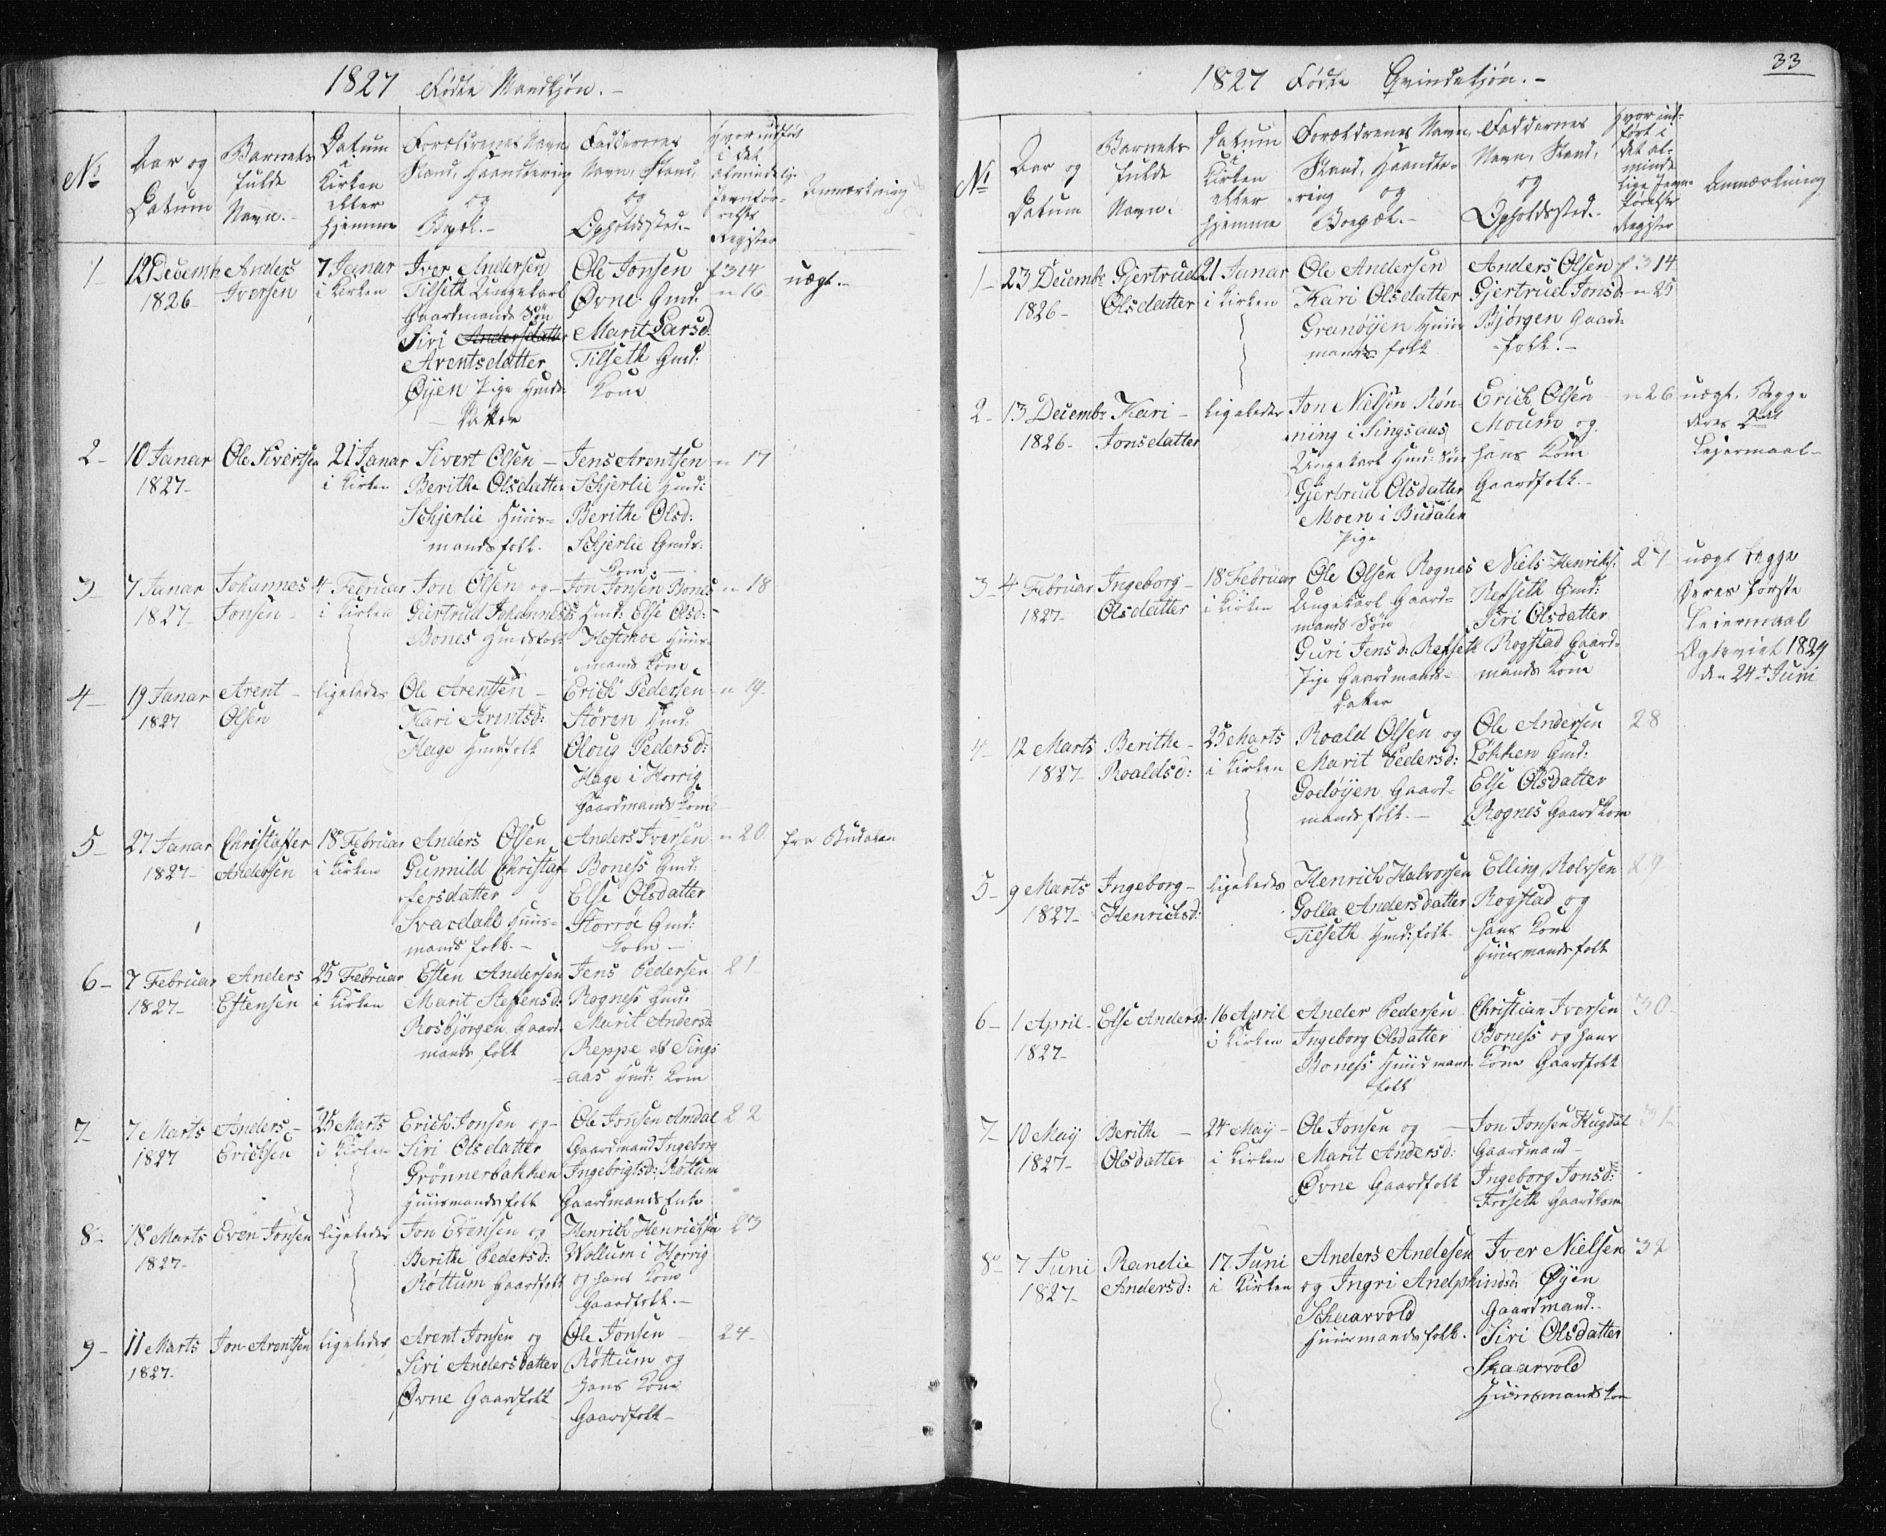 SAT, Ministerialprotokoller, klokkerbøker og fødselsregistre - Sør-Trøndelag, 687/L1017: Klokkerbok nr. 687C01, 1816-1837, s. 33